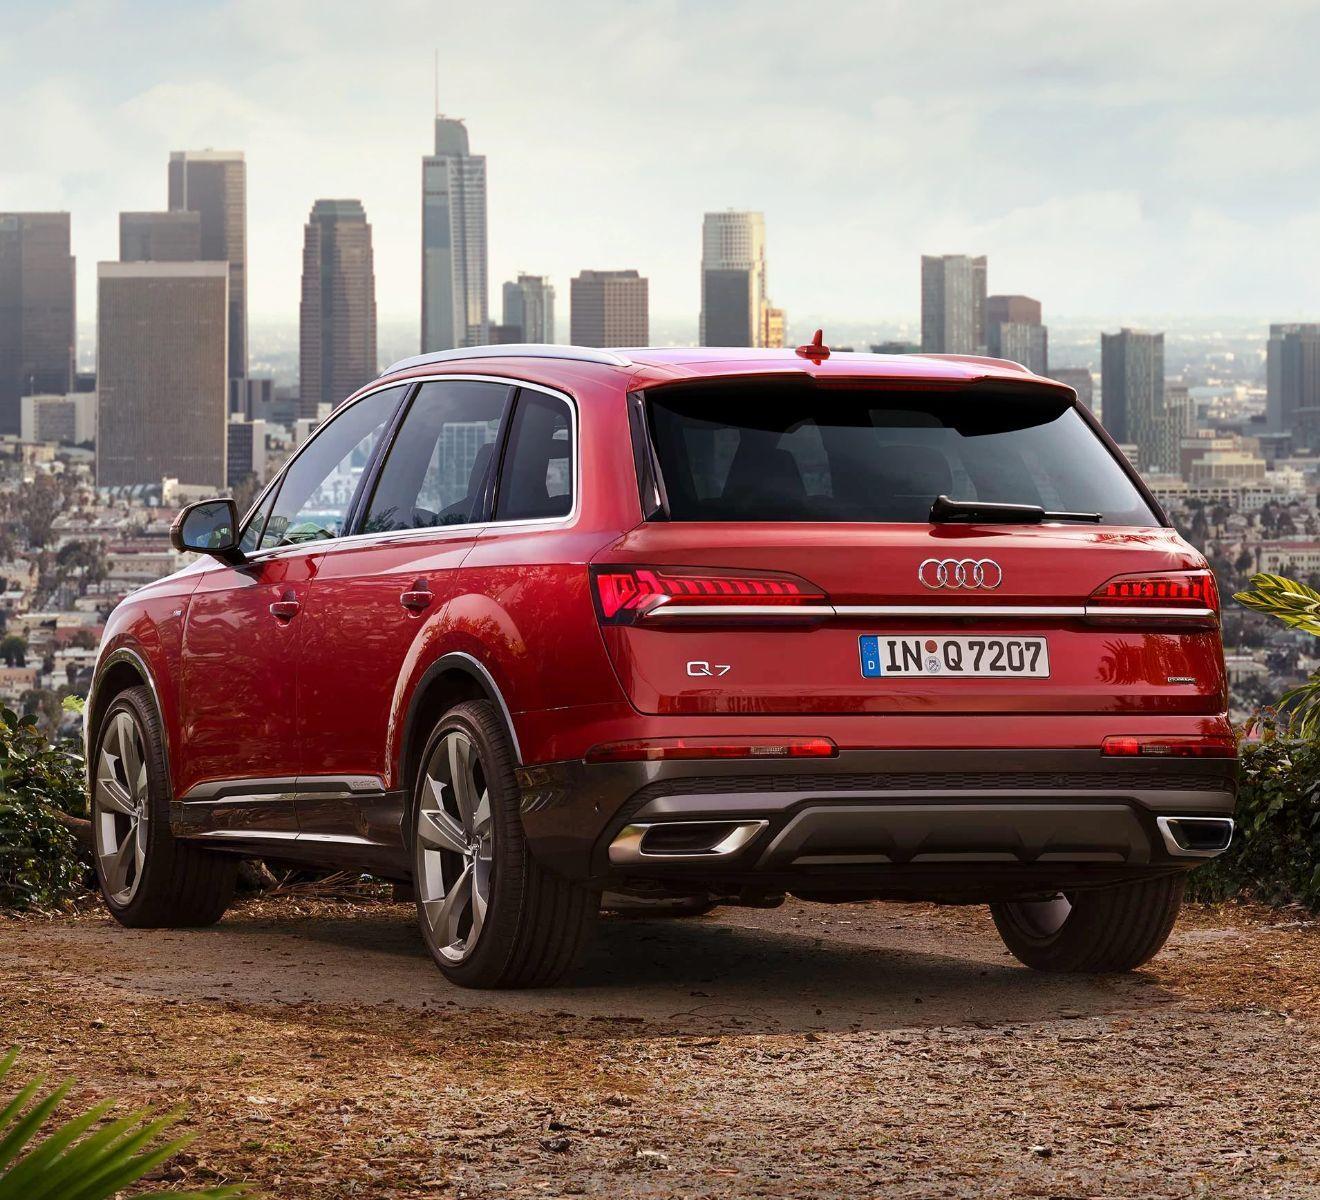 Kelebihan Kekurangan Audi X7 Review